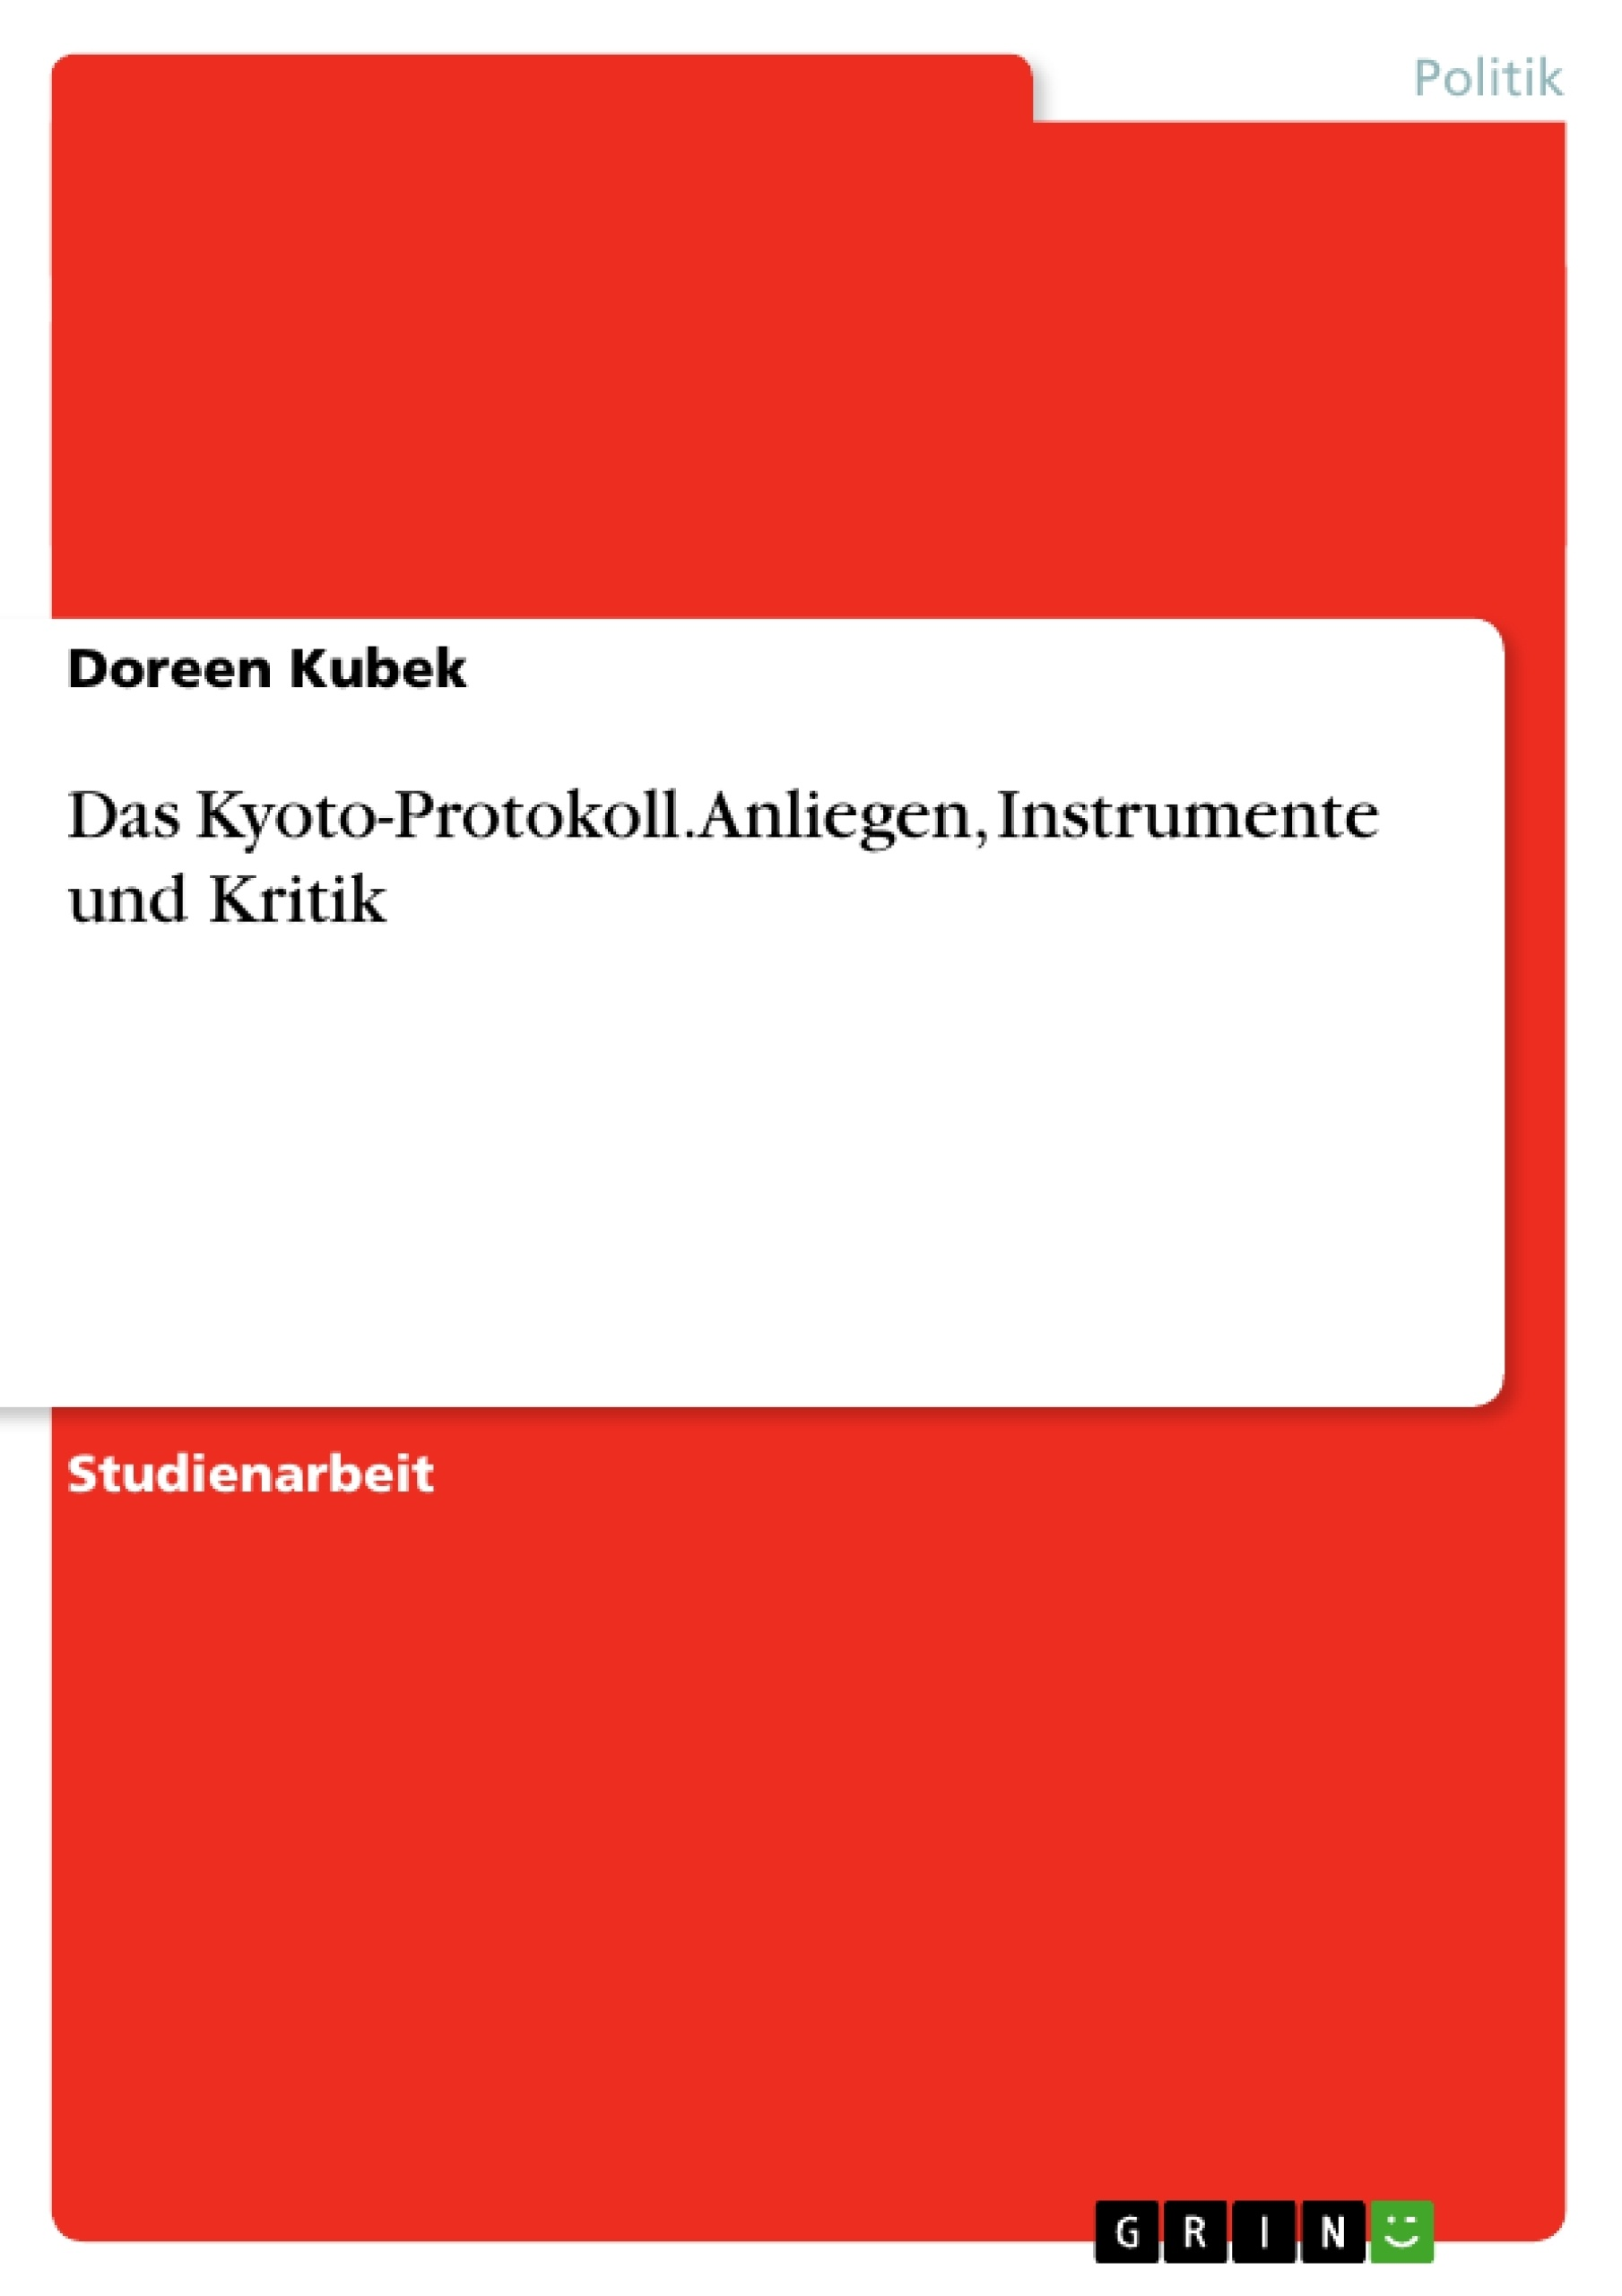 Titel: Das Kyoto-Protokoll. Anliegen, Instrumente und Kritik